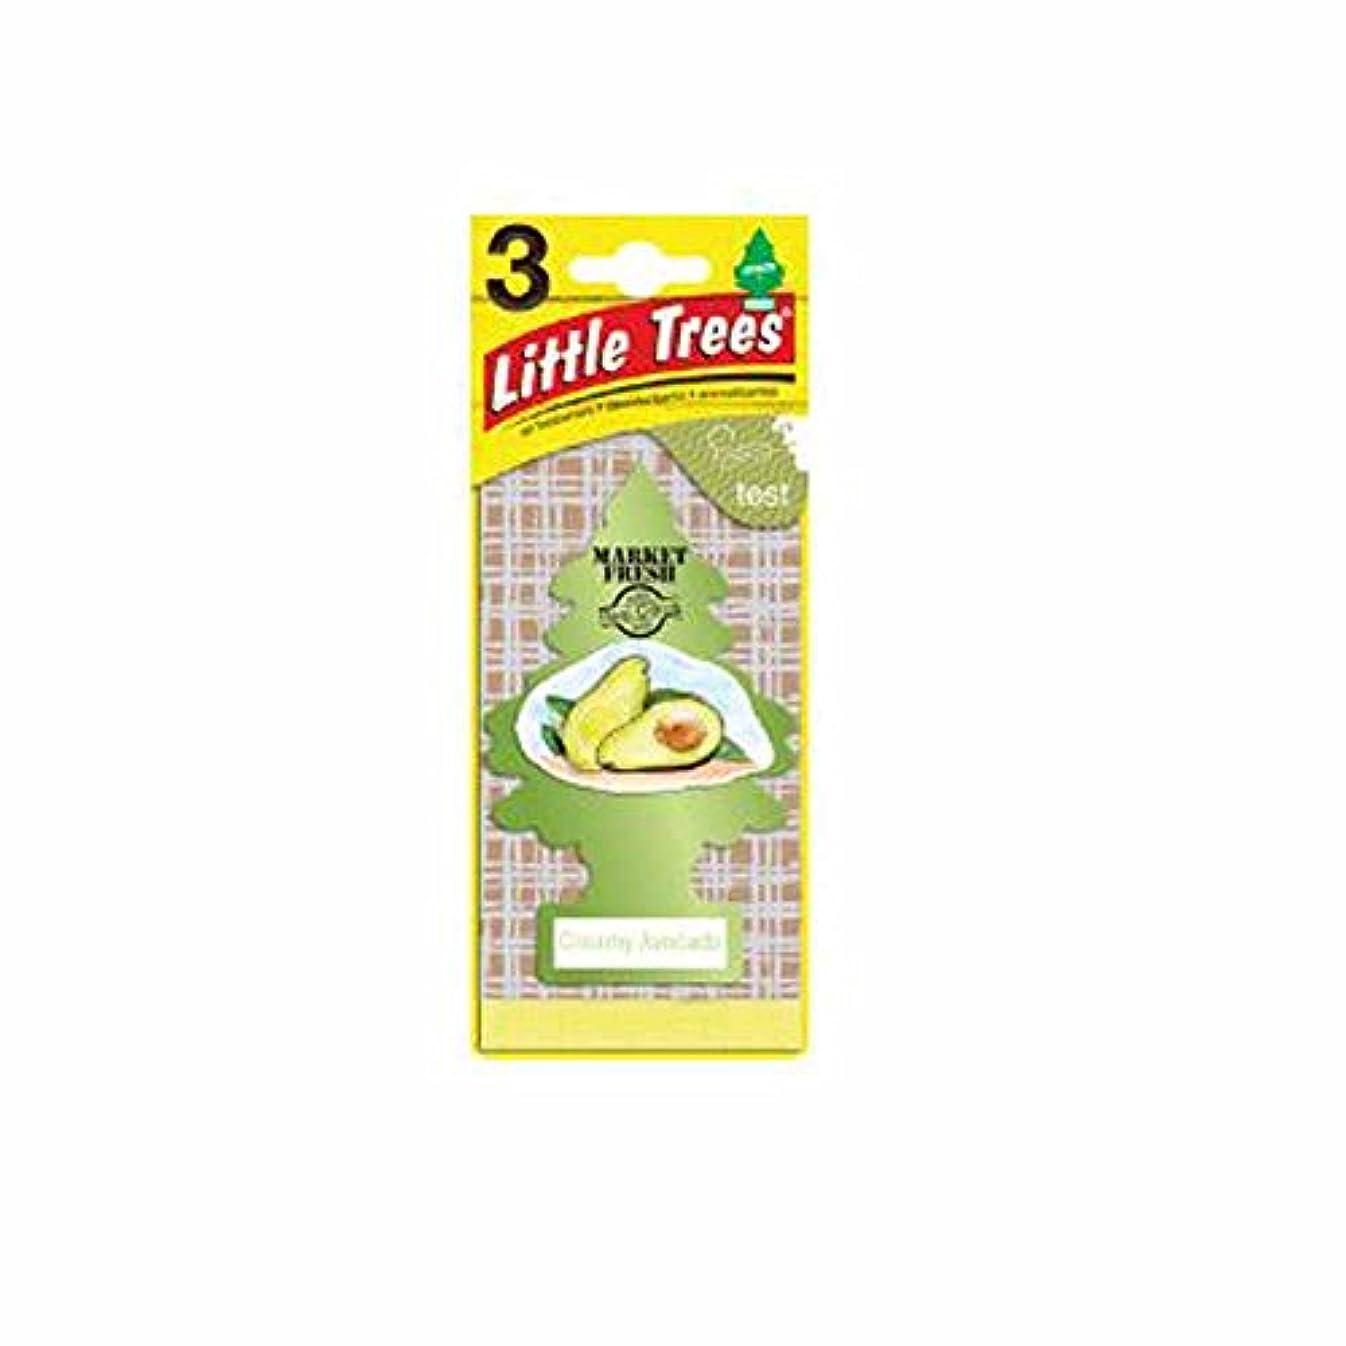 消費大邸宅志すLittle Trees 吊下げタイプ エアーフレッシュナー creamy avocado(クリーミーアボカド) 3枚セット(3P) U3S-37340